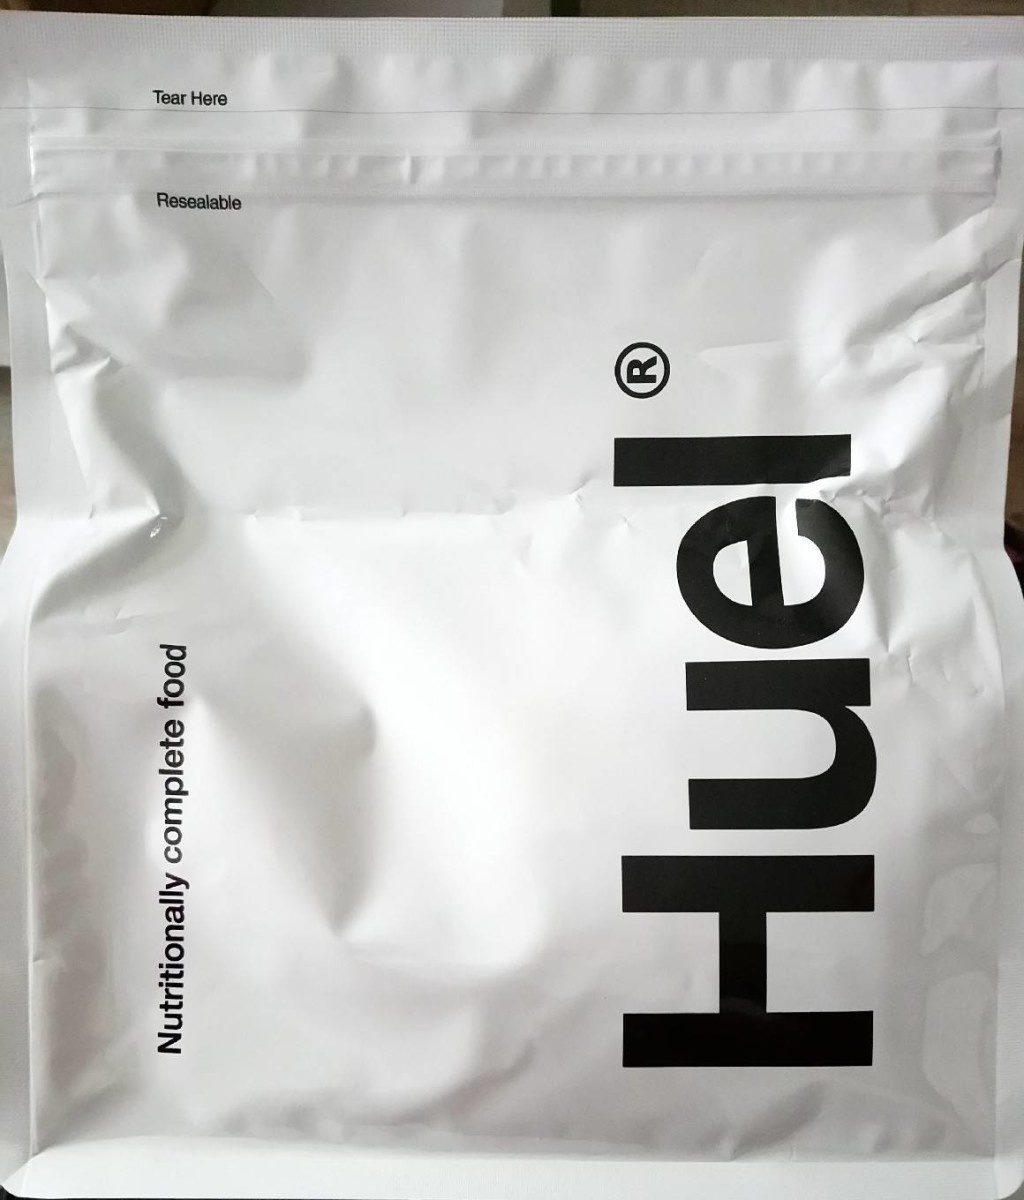 Huel Powder v2.3 - Vanilla Flavour - Prodotto - en